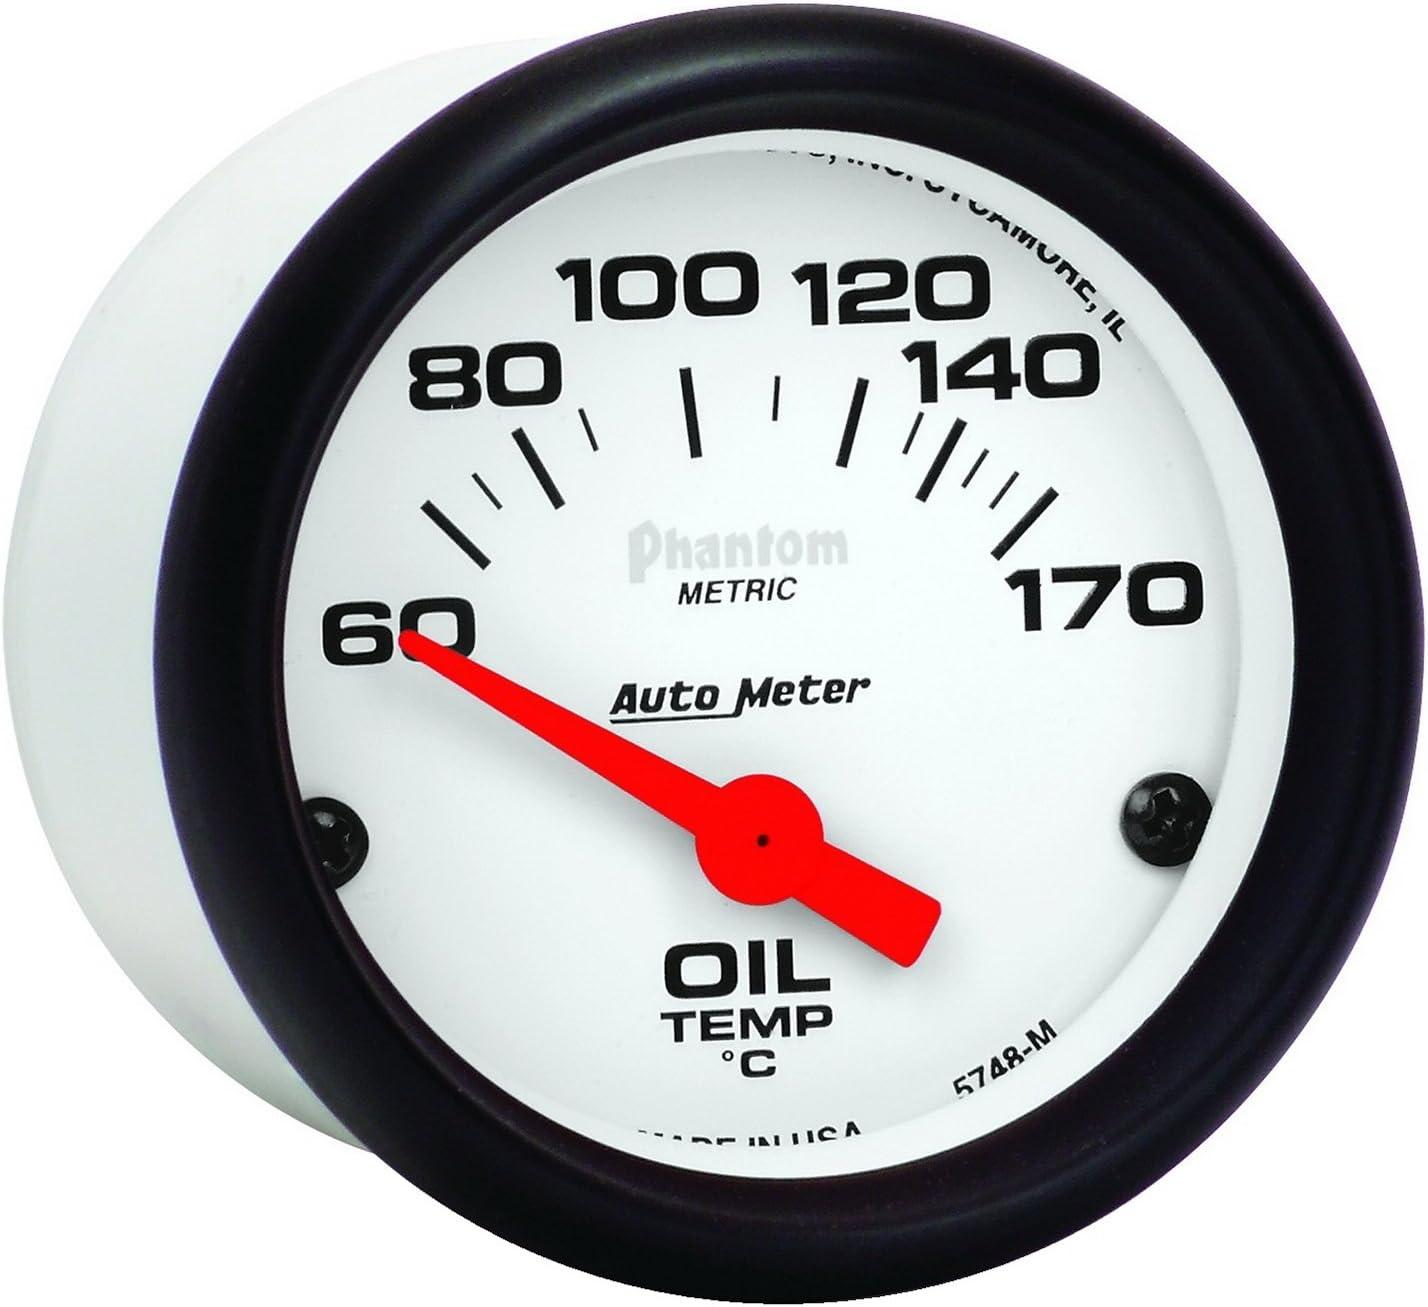 Auto Meter 5748-M Phantom Electric Oil Temperature Gauge